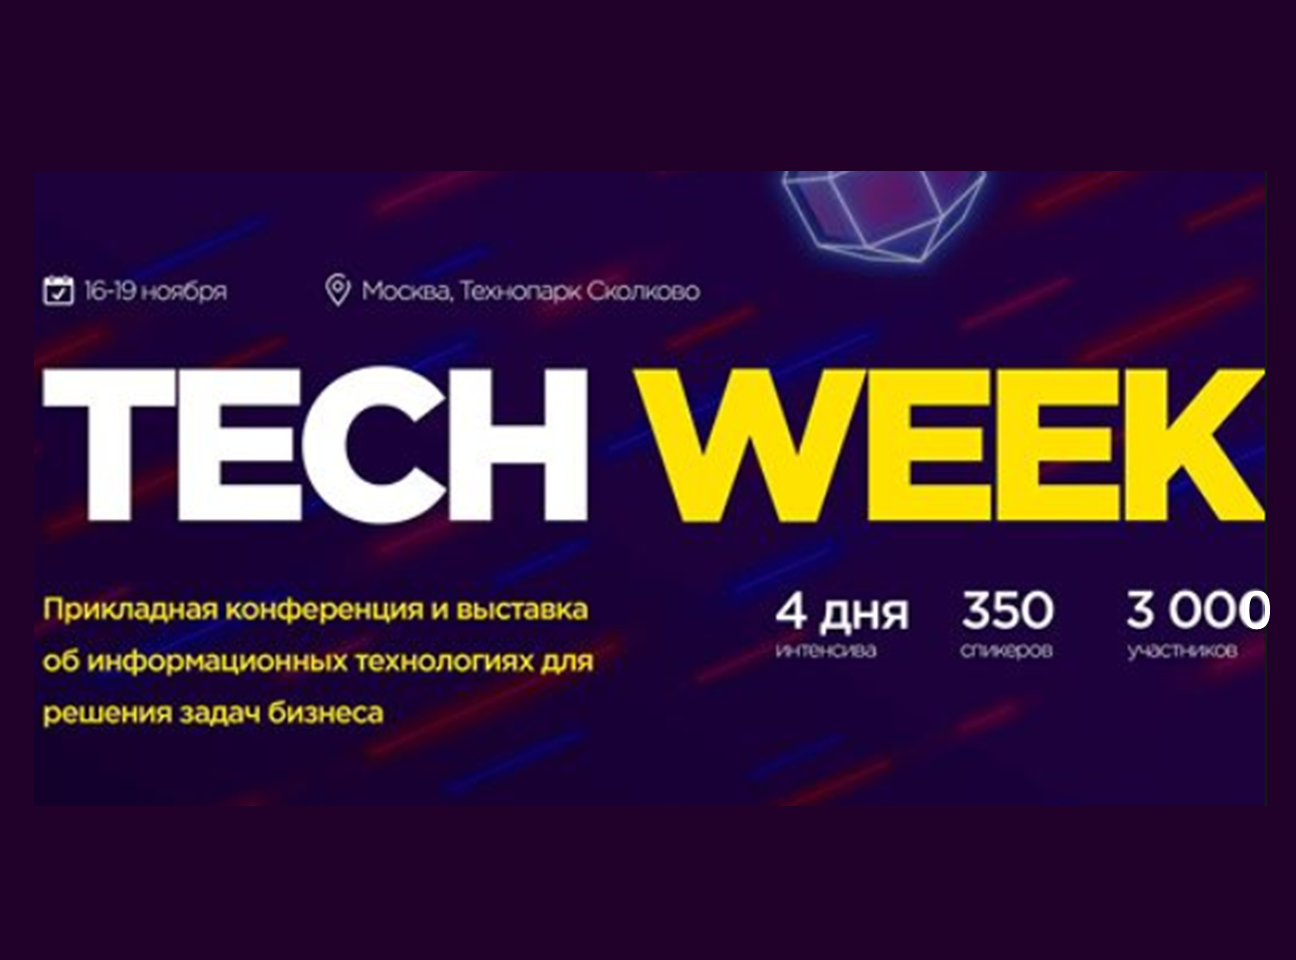 Tech Week 2020 состоится в ноябре!